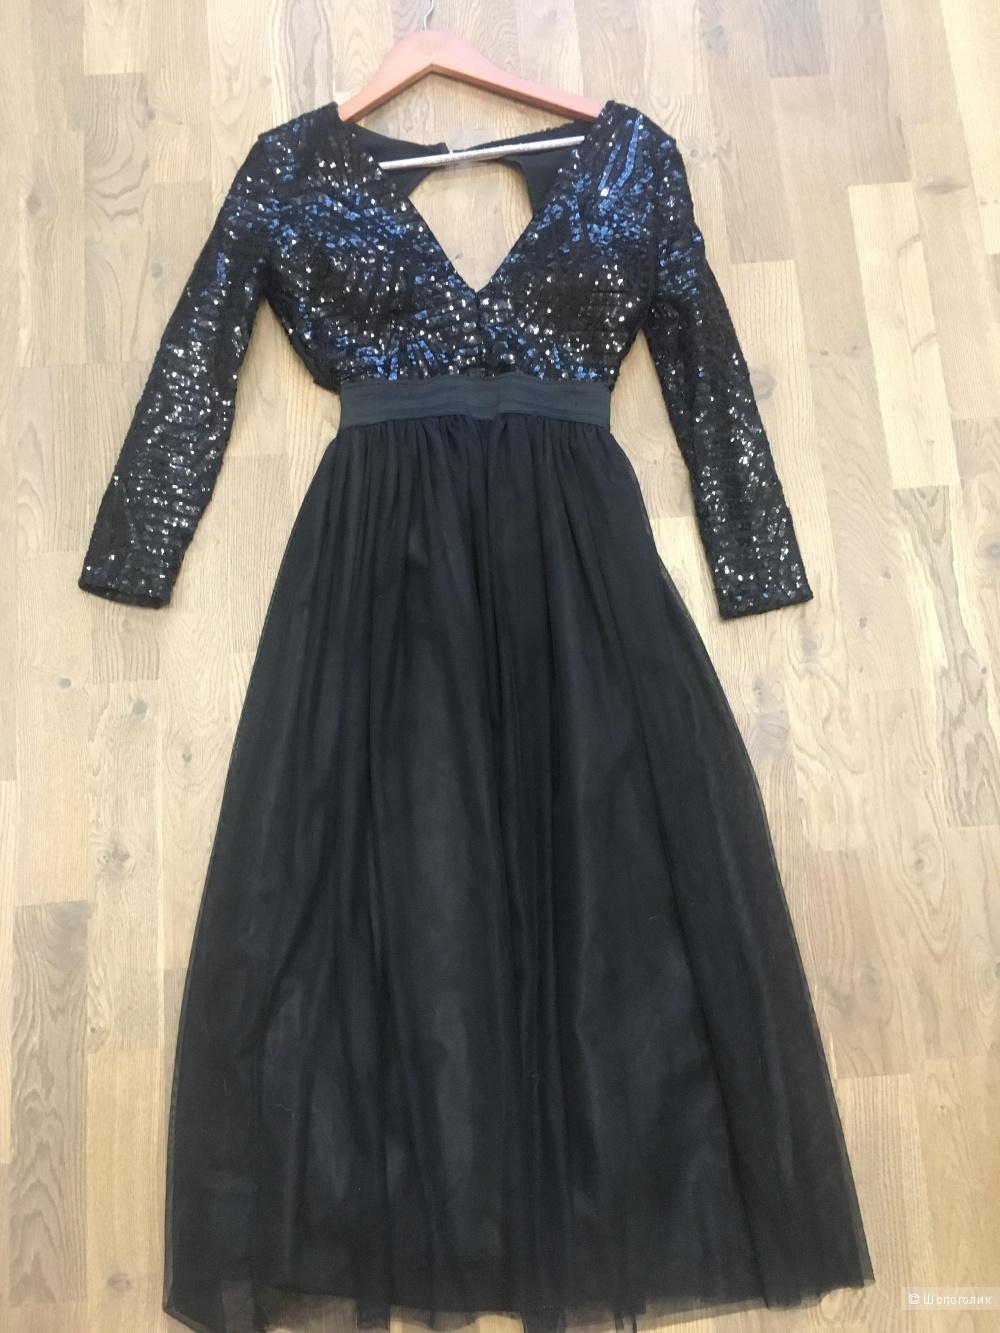 Платье. Imperial, S-M